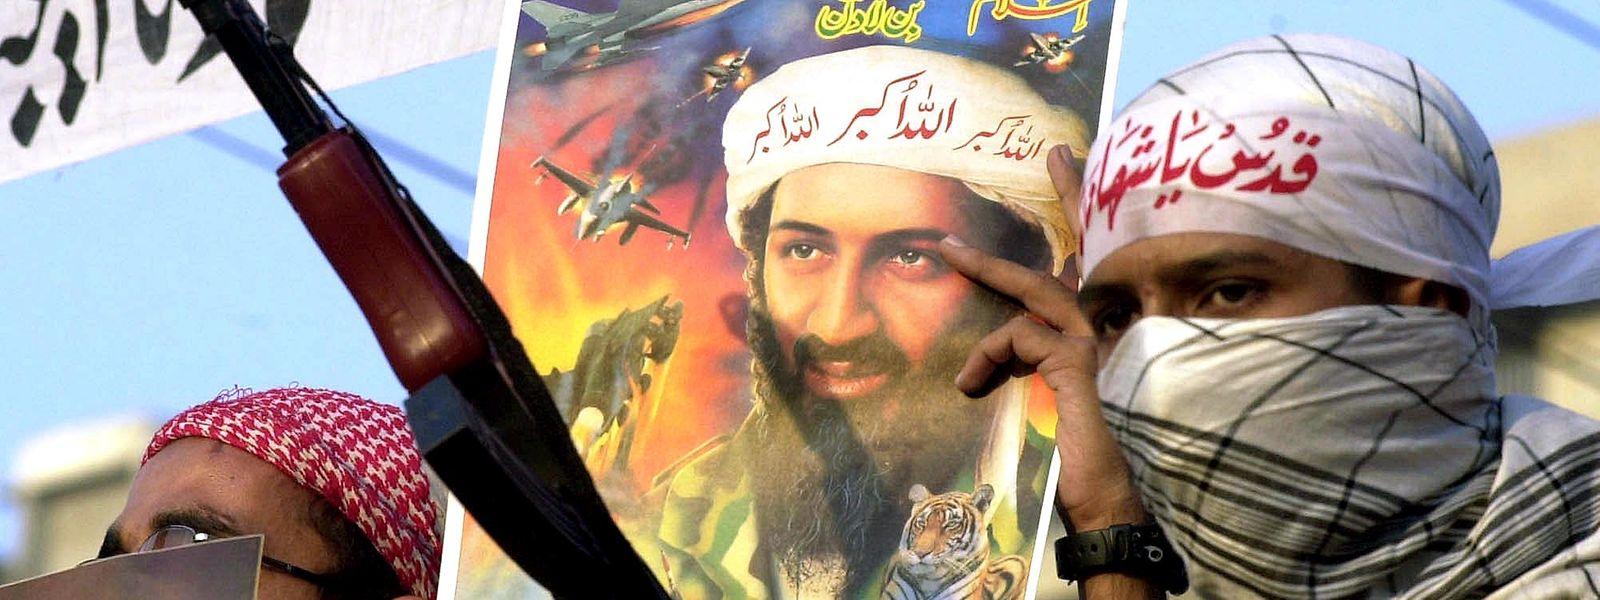 Der später meistgesuchte Verbrecher der USA, Osama Bin Laden, war in den 1980er Jahren ein Verbündeter der Amerikaner.